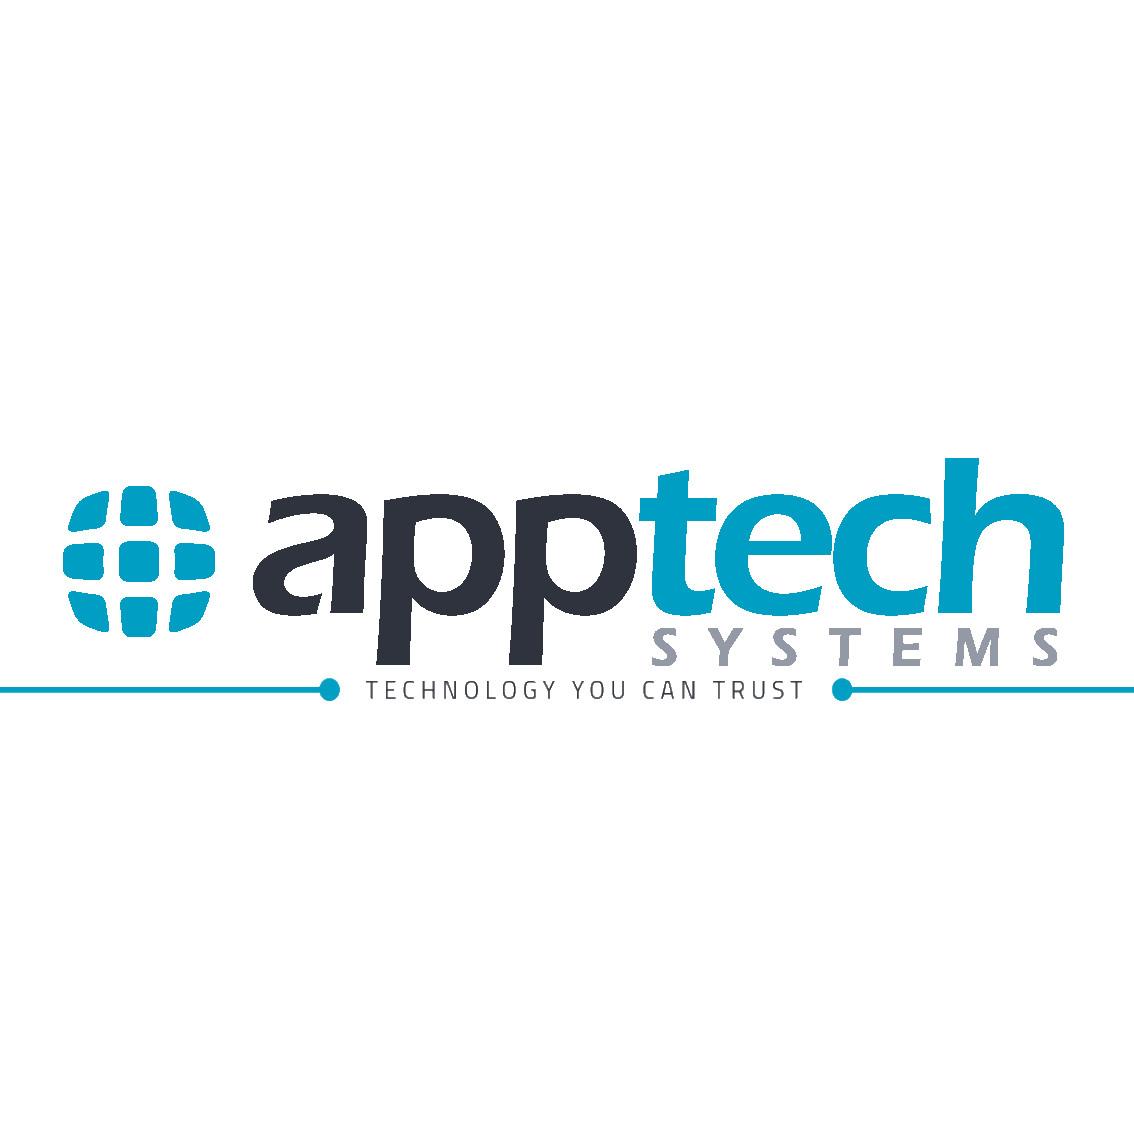 APPTECH SYSTEMS DIŞ TİC. LTD. ŞTİ.